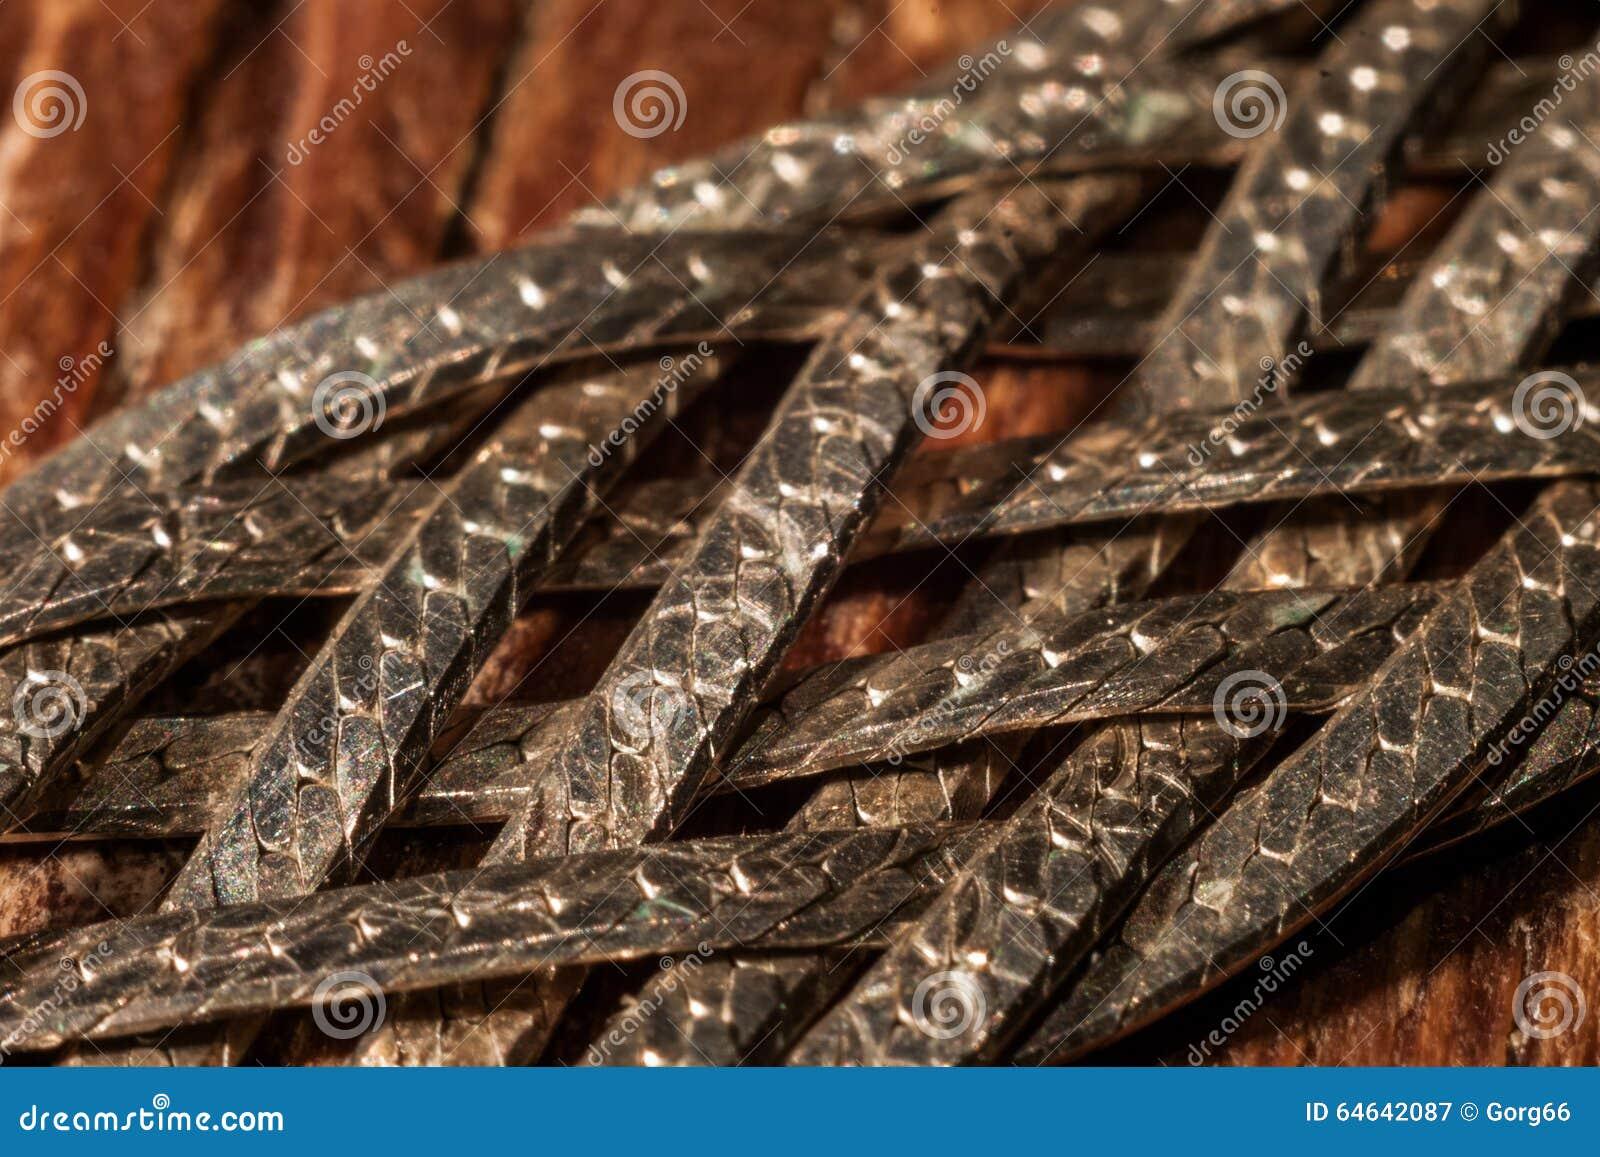 Tiras de metal trenzadas con las escalas